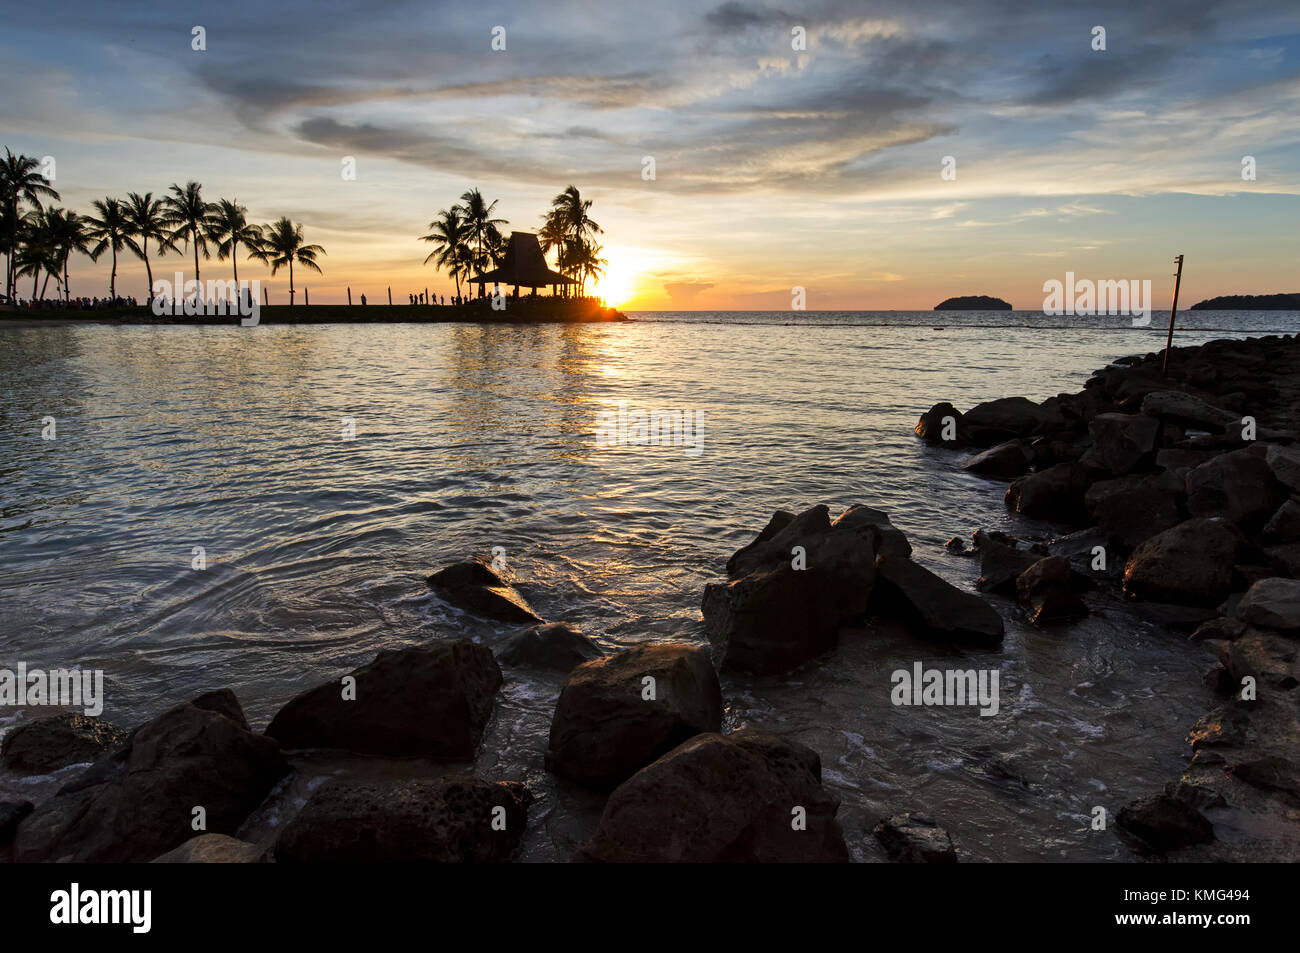 Kota Kinabalu beach sunset, Sabah Borneo Malaysia. - Stock Image